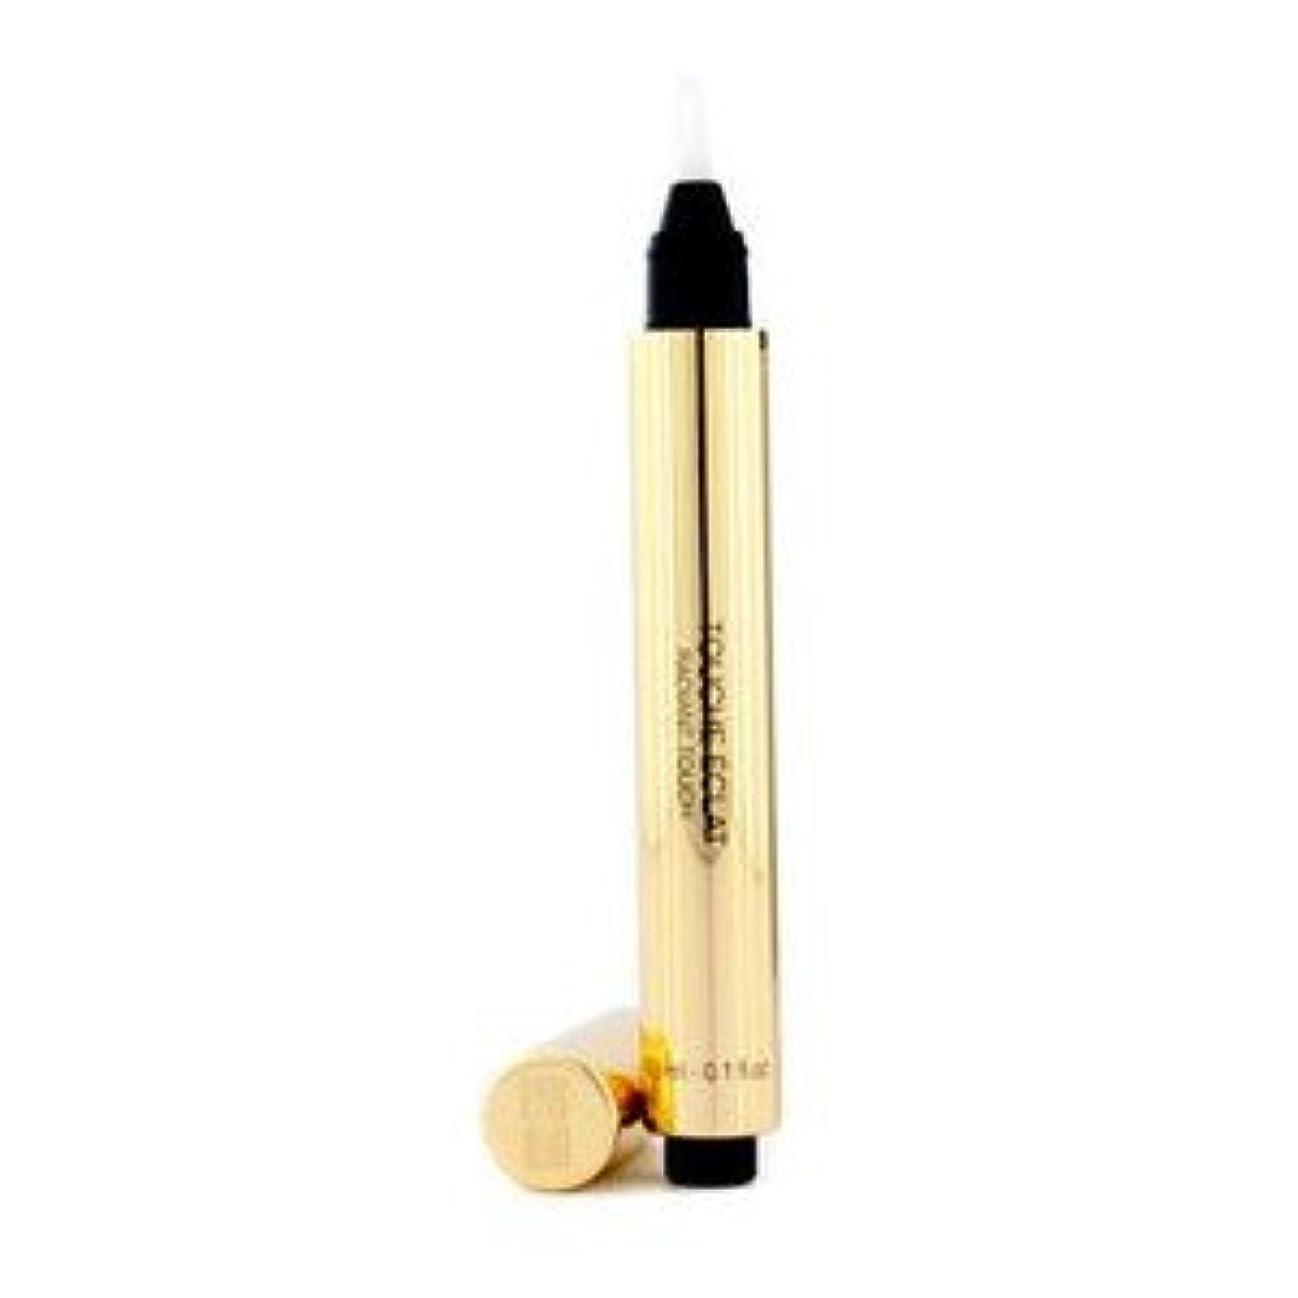 牛収縮意見Yves Saint Laurent(イヴサンローラン) ラディアント タッチ/タッチ エクラ - #3.5 Luminous Almond 2.5ml/0.1oz [並行輸入品]